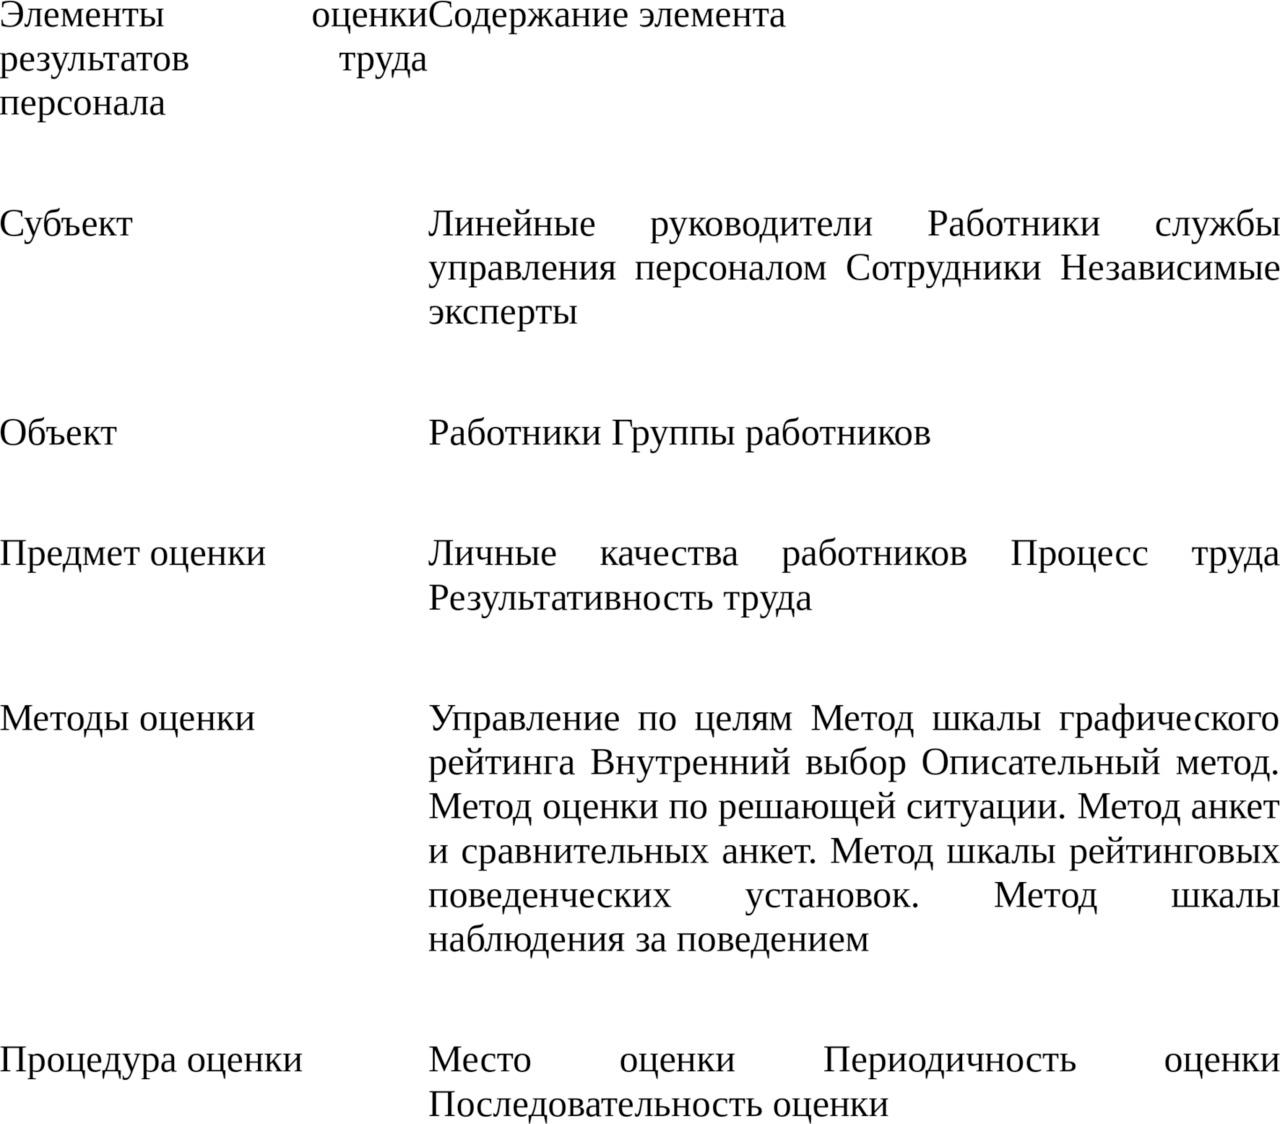 Оценка персонала: направление и основные подходы